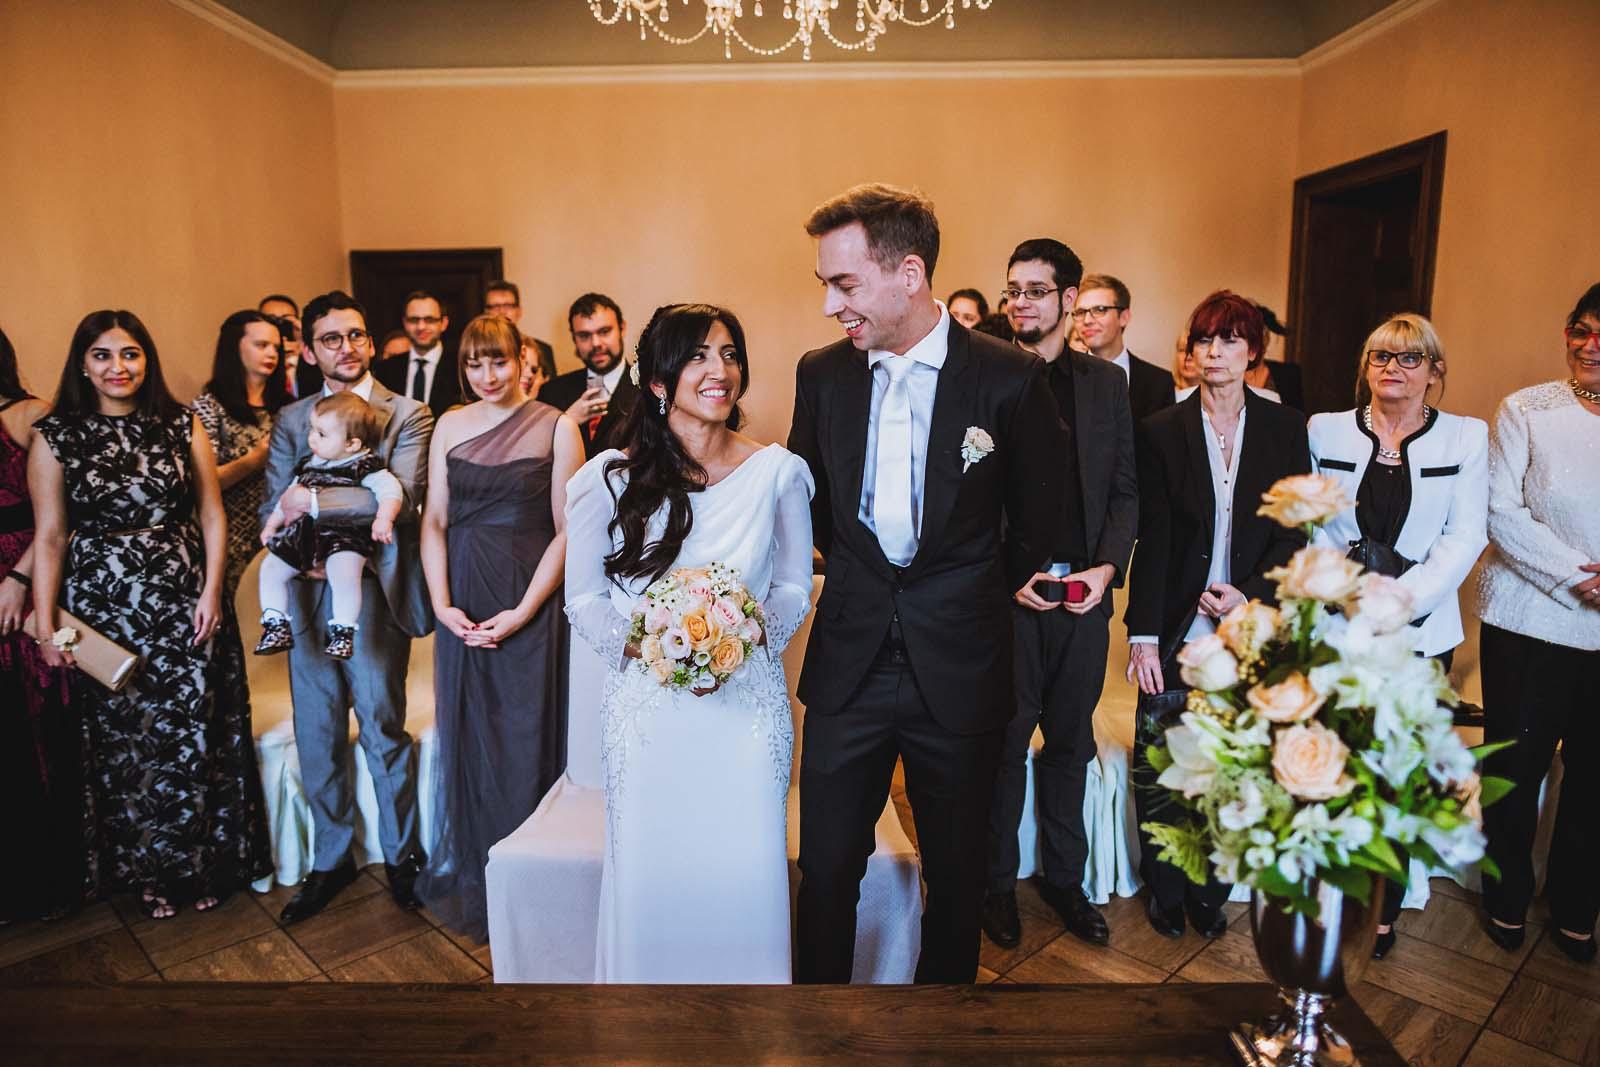 23-Hochzeitsfotograf-Potsdam-begleitet-eine-Hochzeit-im-Schloss-Kartzow Hochzeitsfotograf © www.hochzeitsfotograf-berlin.net